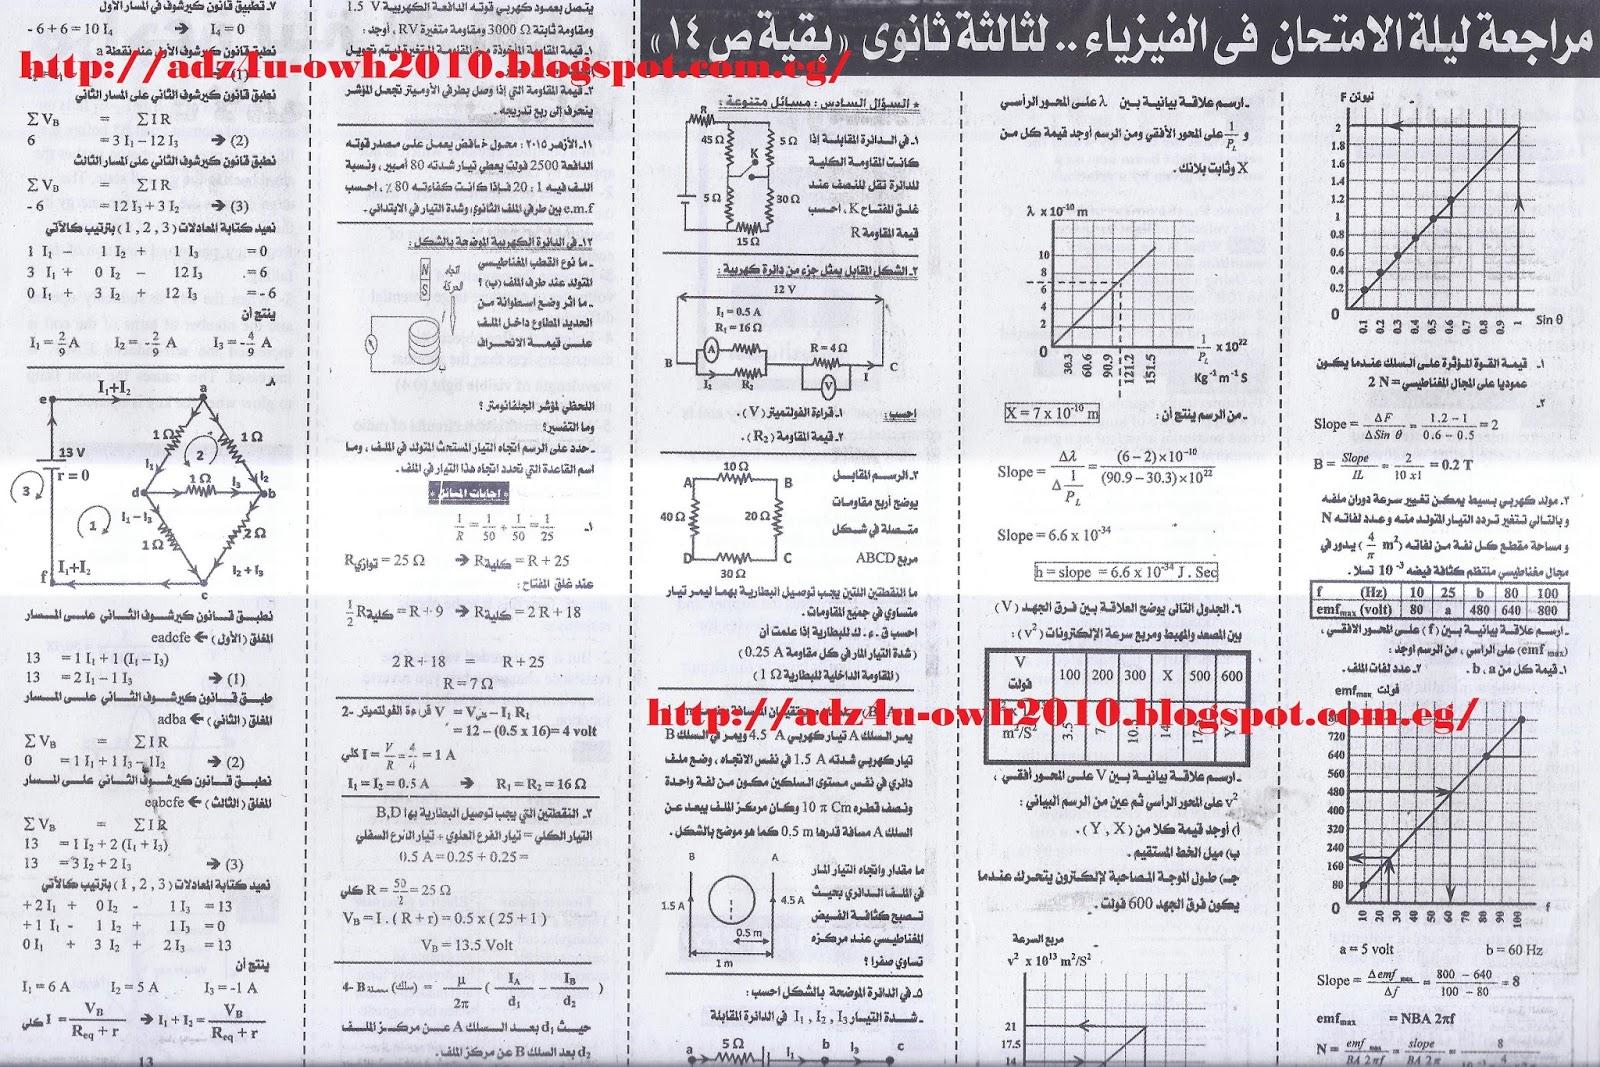 بنك توقعات الفيزياء للثانوية العامة.. ملحق الجمهورية الجزء الثاني 9